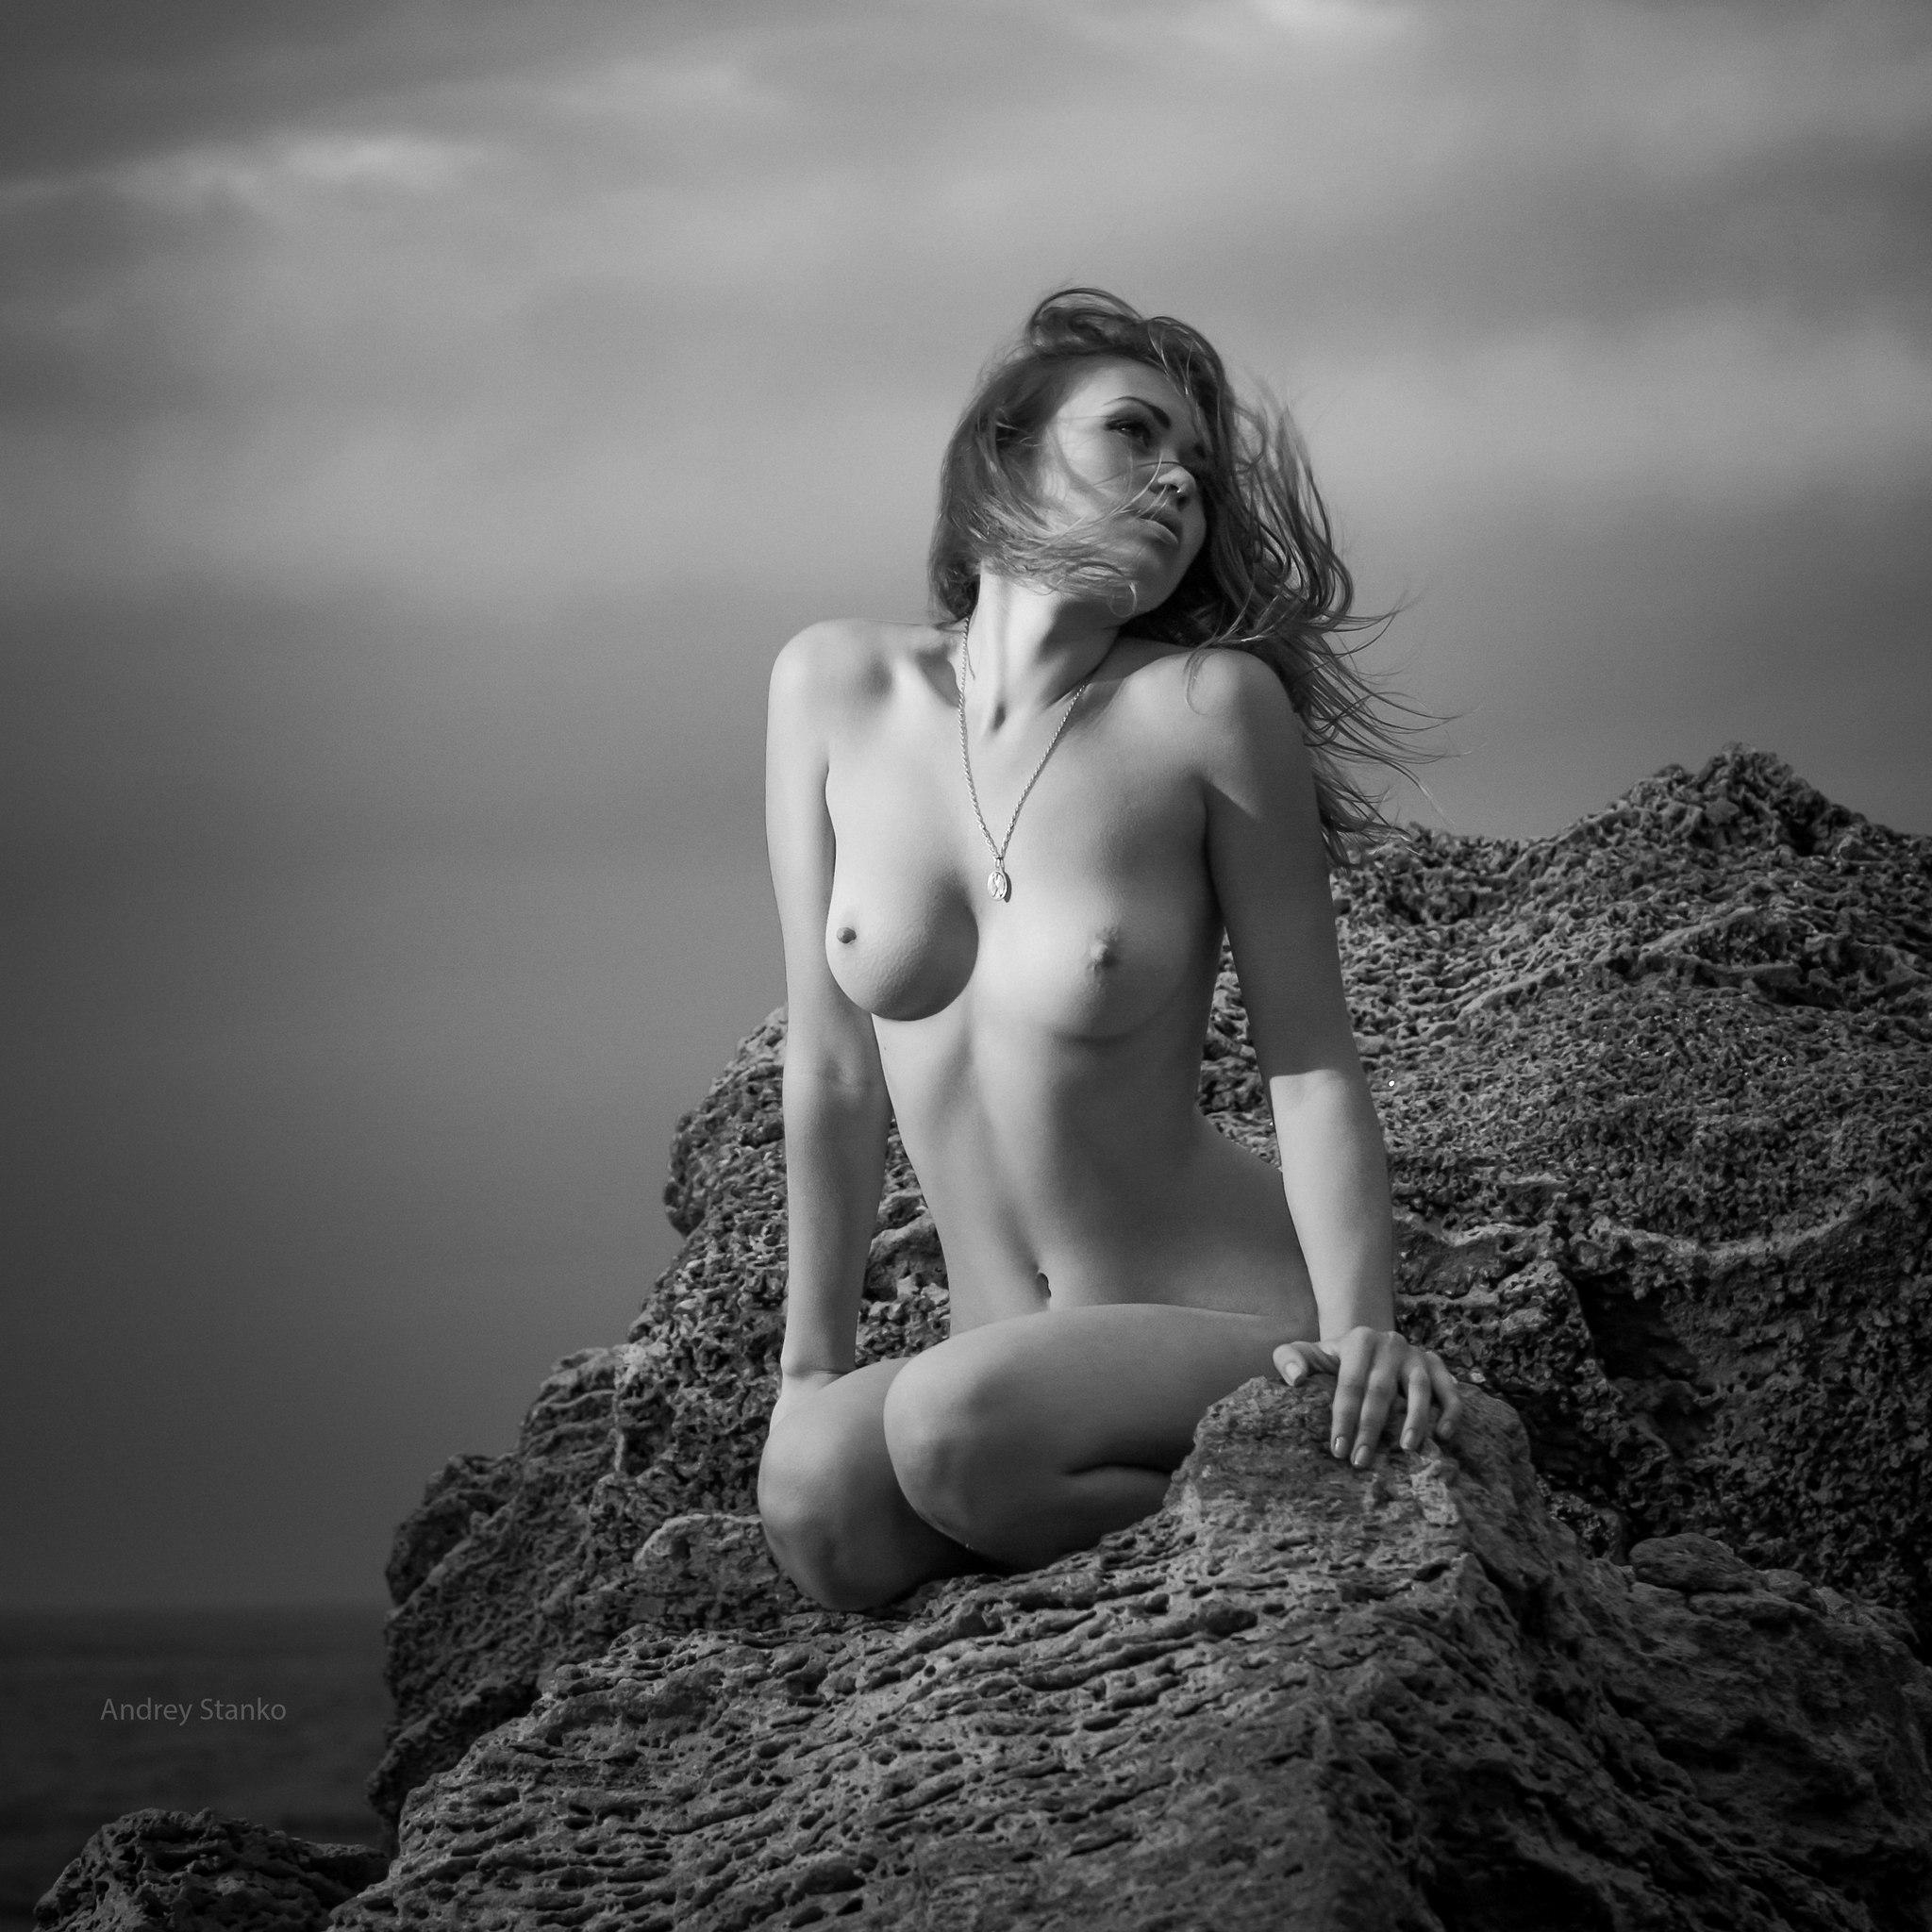 Фотографии женщин в стиле ню 17 фотография